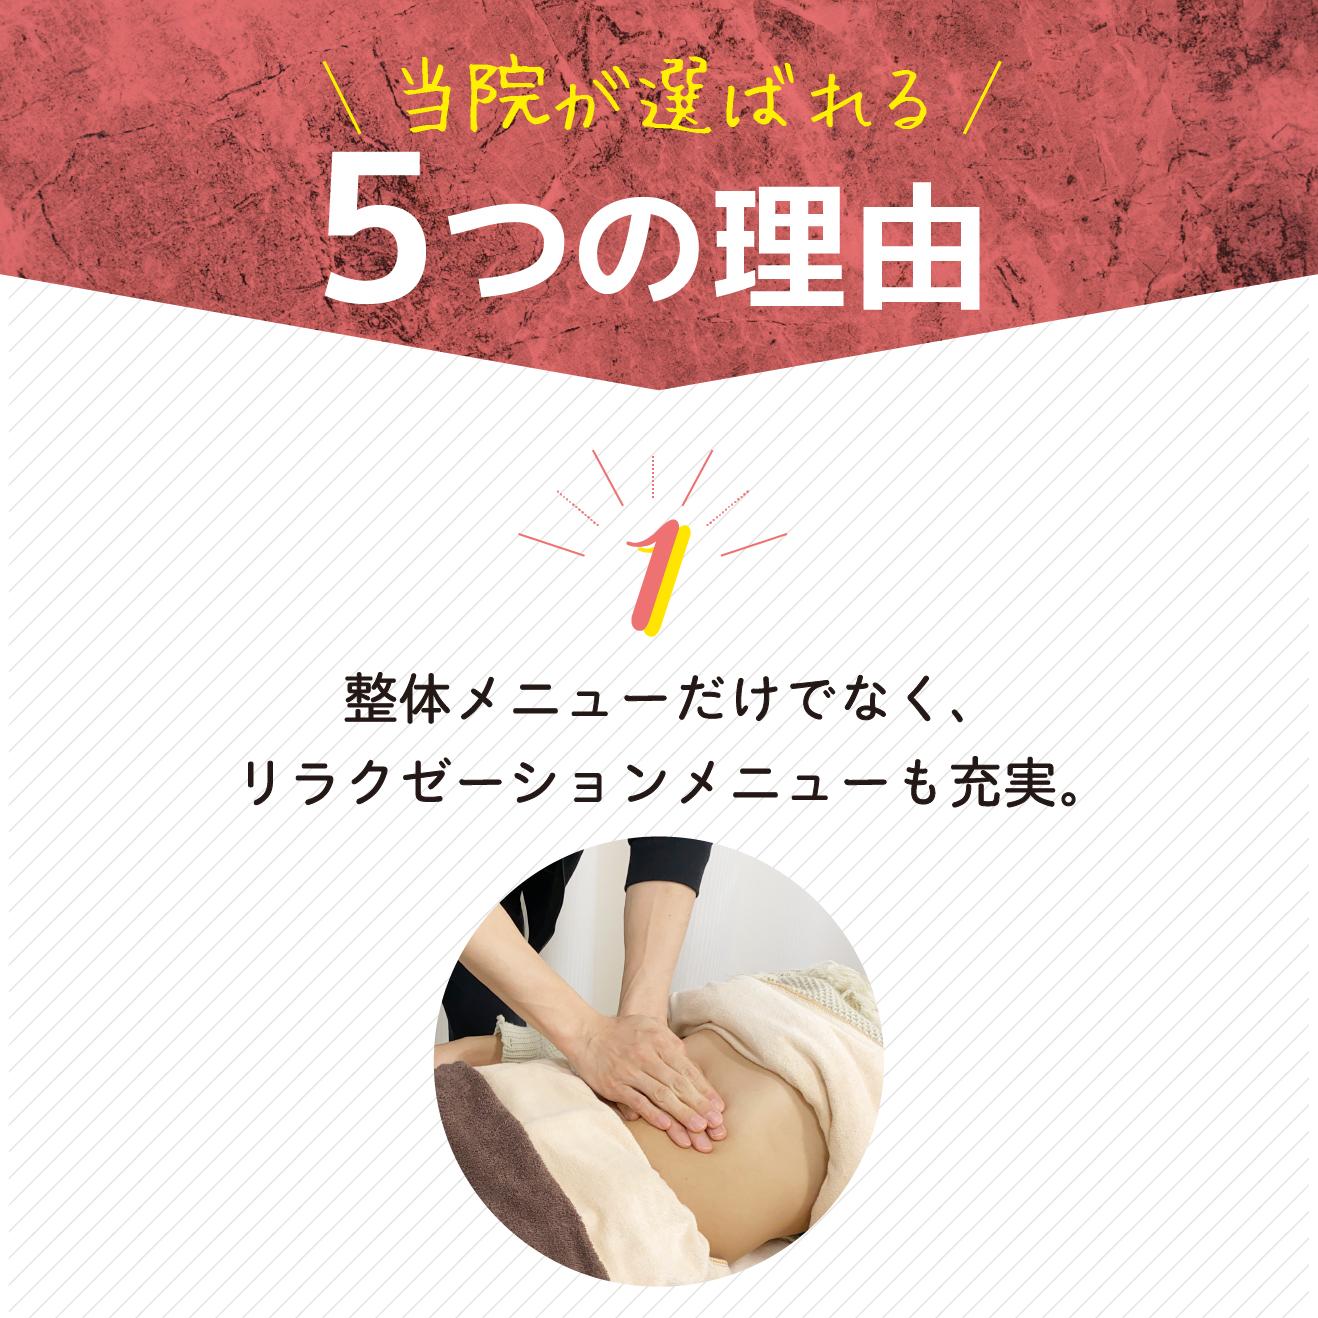 産後整体,妊婦整体,お客様の声,整体サロンリフラ,リフラ,整体サロンrefla,refla,鎌ヶ谷,プライベートサロン,,パソコン用の画像